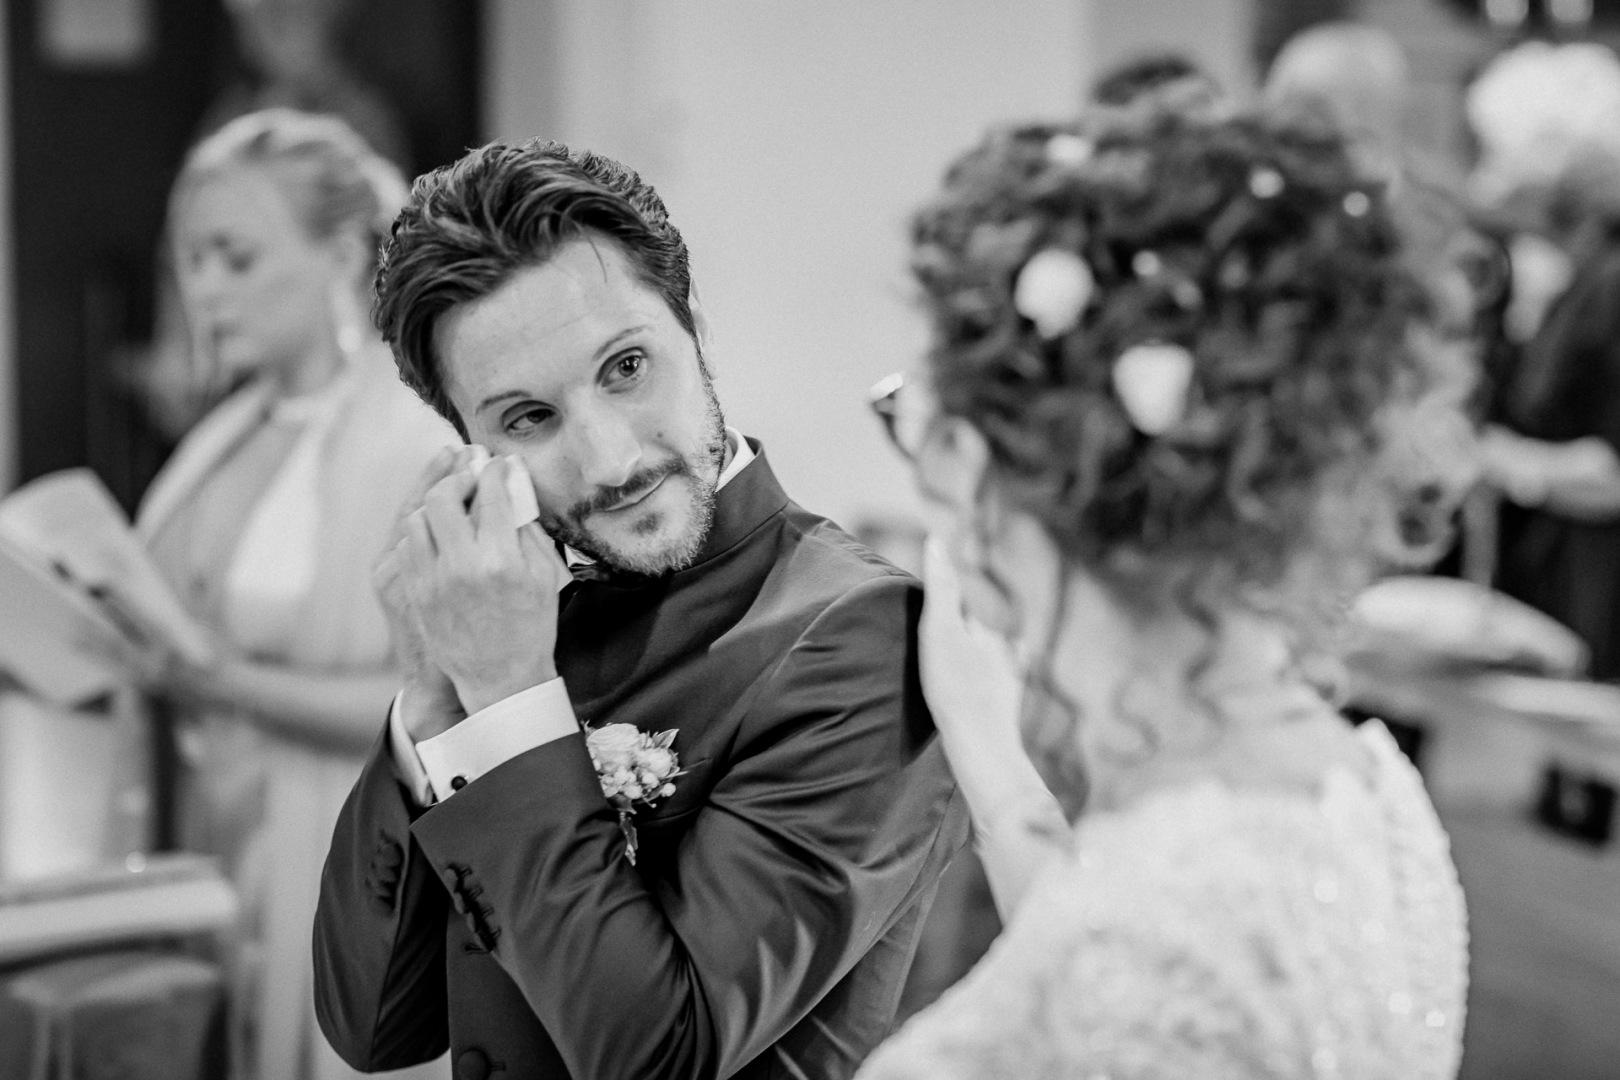 nicola-da-lio-wedding-photographer-venezia-treviso-padova-veneto-italia-112